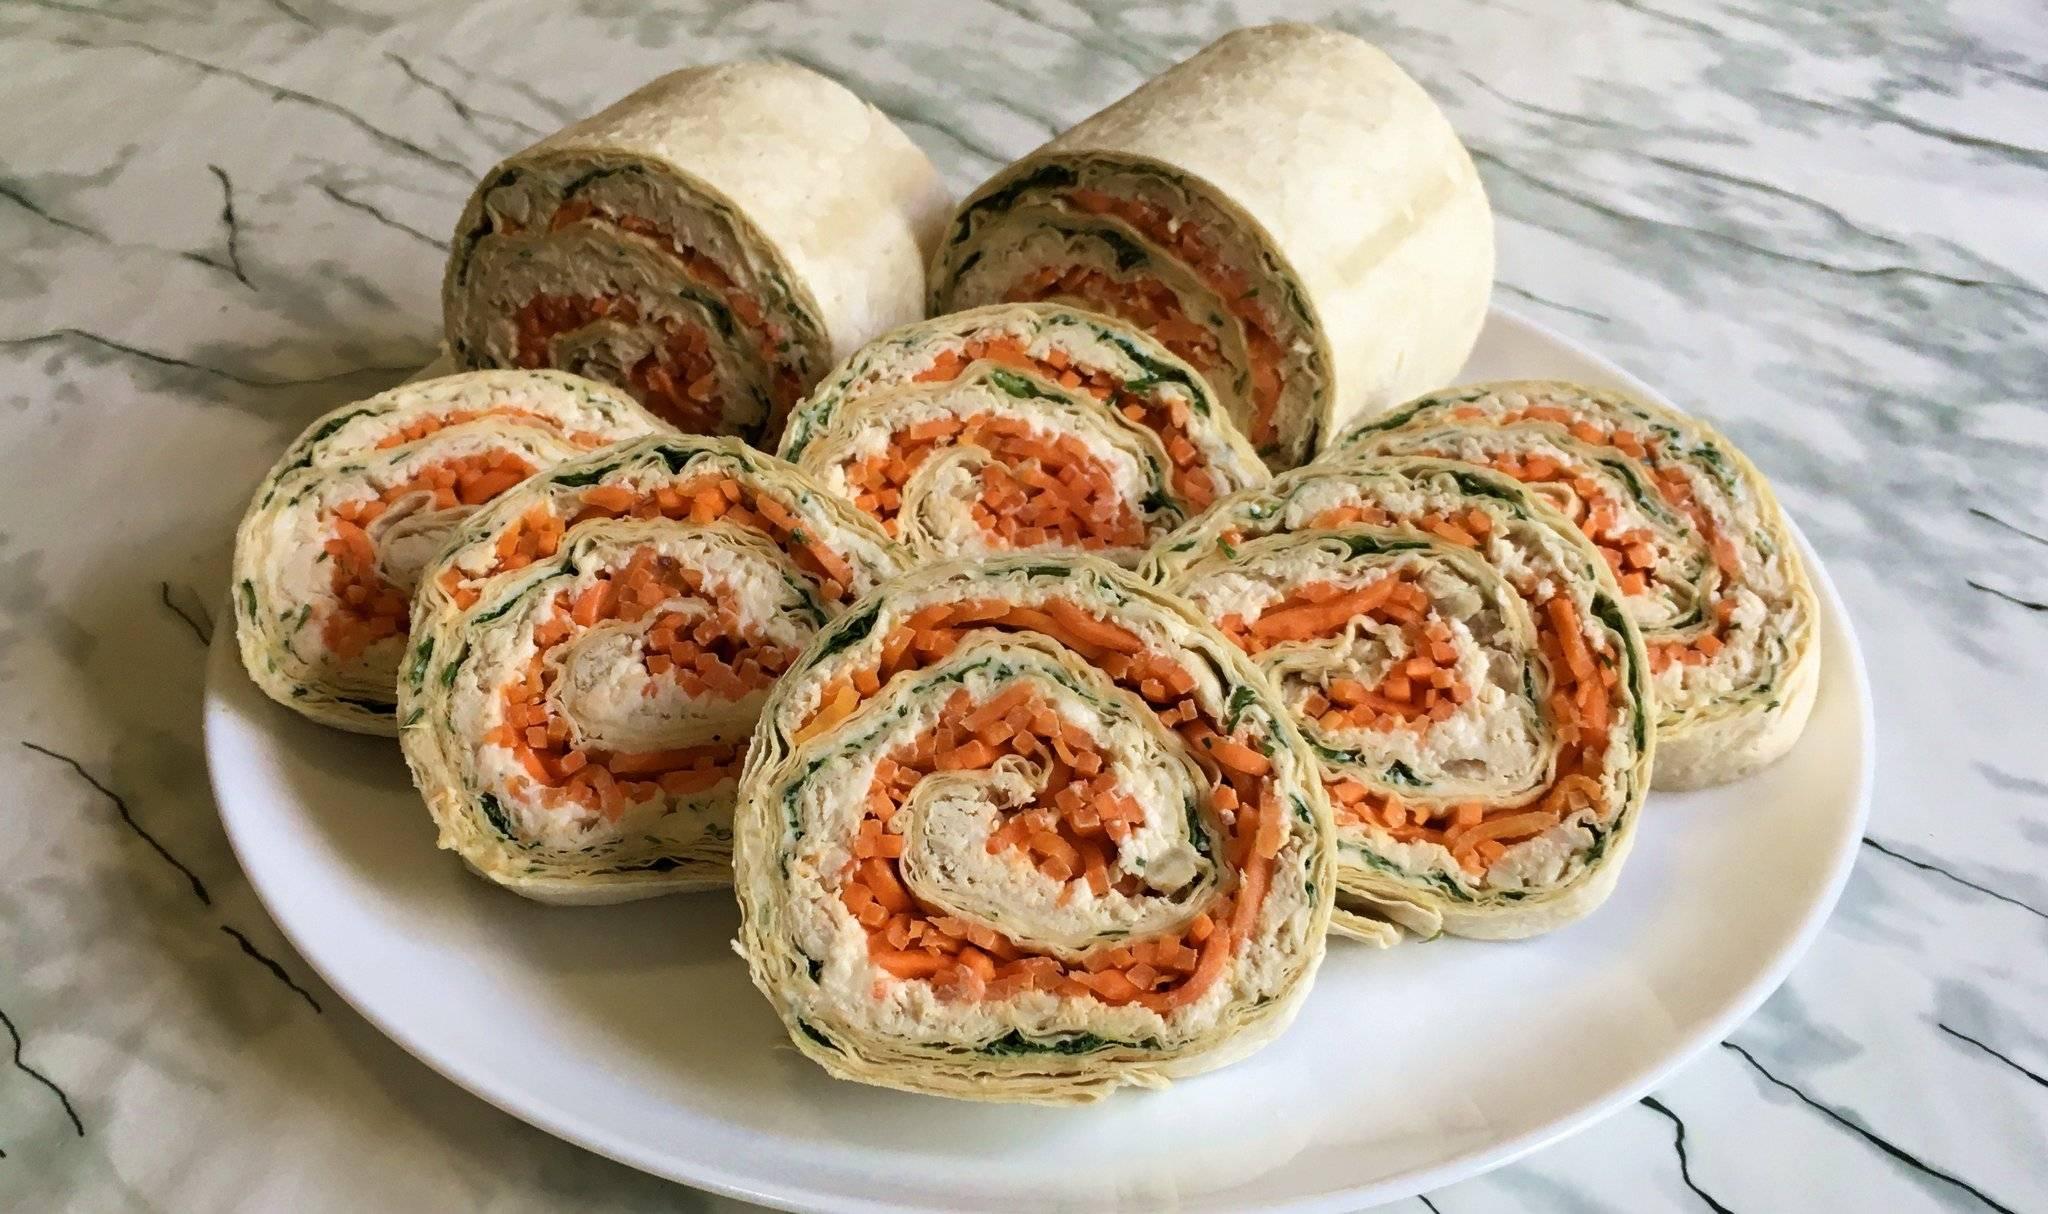 Рулет из лаваша с семгой плавленным сыром огурцом и зеленью рецепт с фото пошагово - 1000.menu